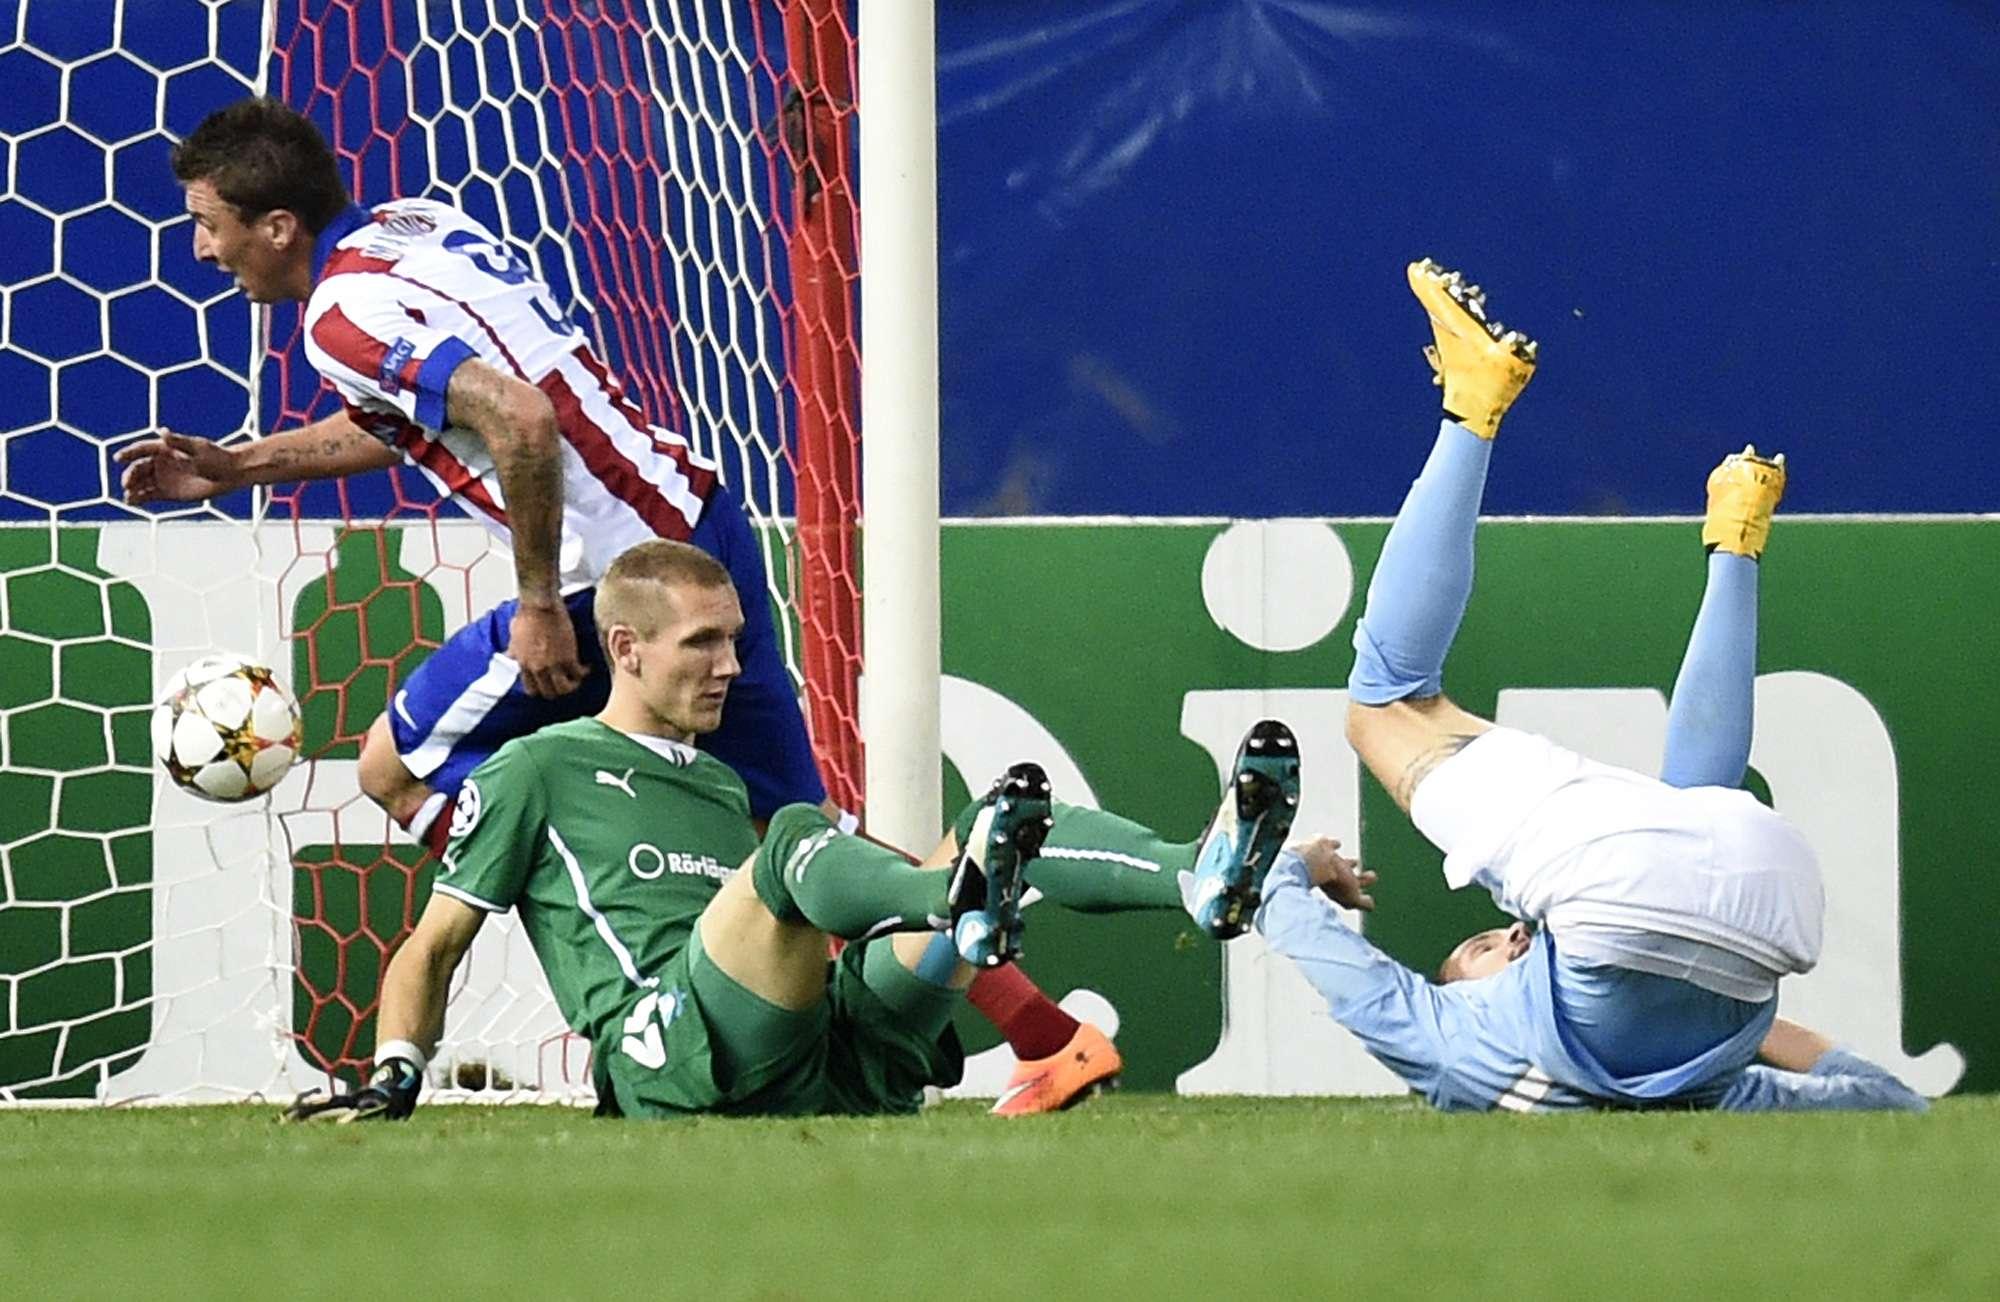 Mandzukic fez o segundo gol da goleada do Atlético de Madrid sobre o Malmo Foto: Gerard Julien/AFP